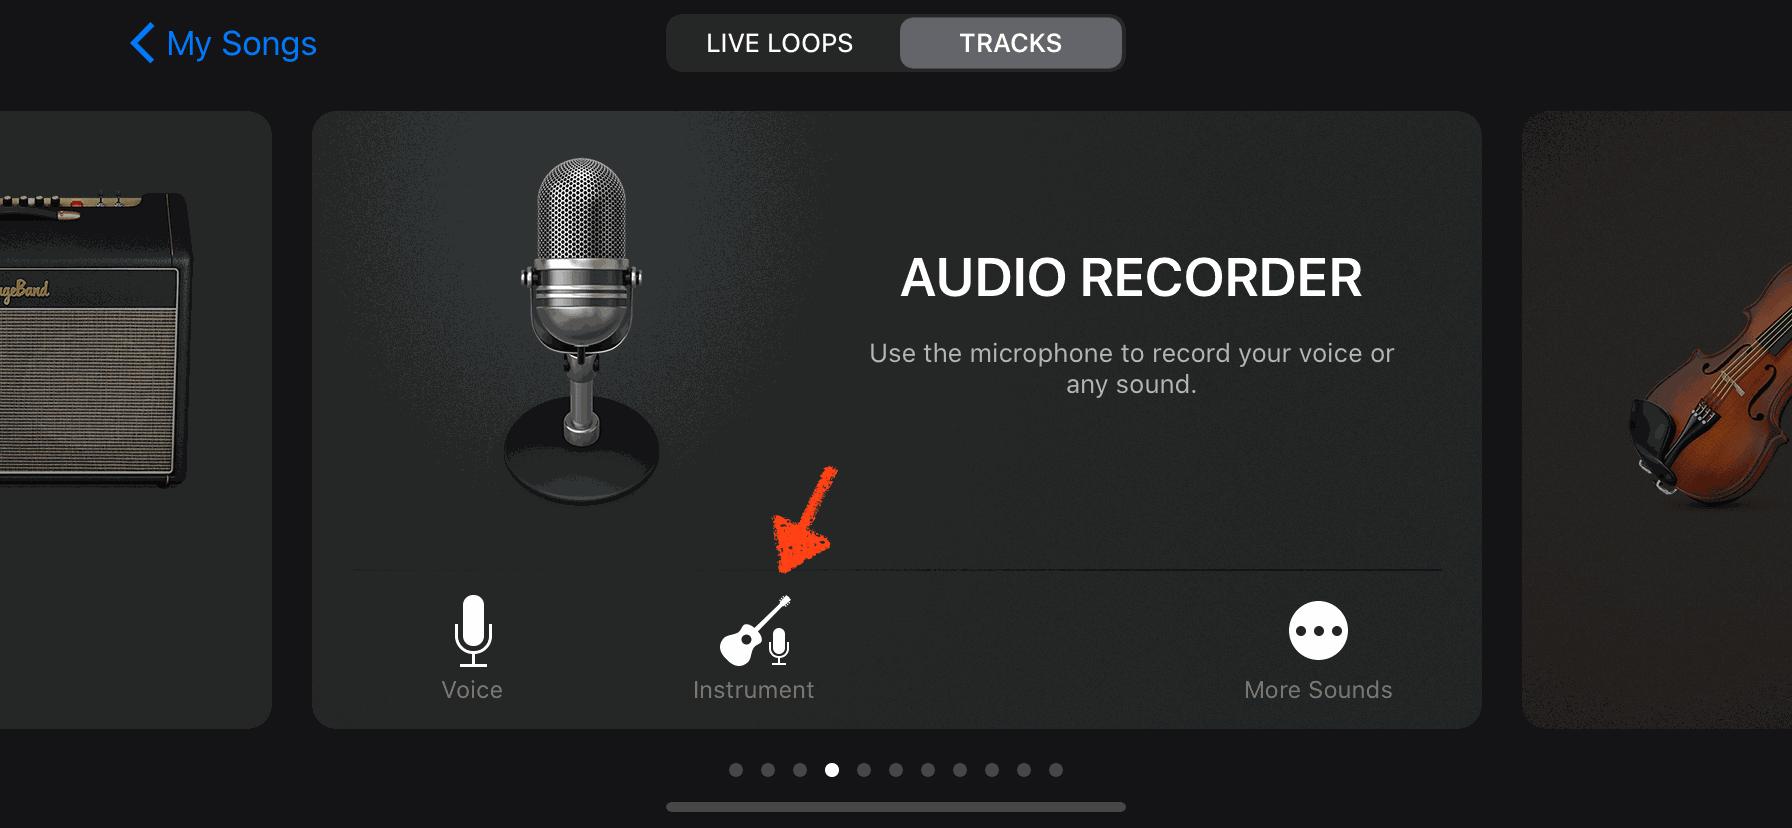 7) เลือกไปที่ AUDIO RECORDER แล้วเลือกที่ Instrument